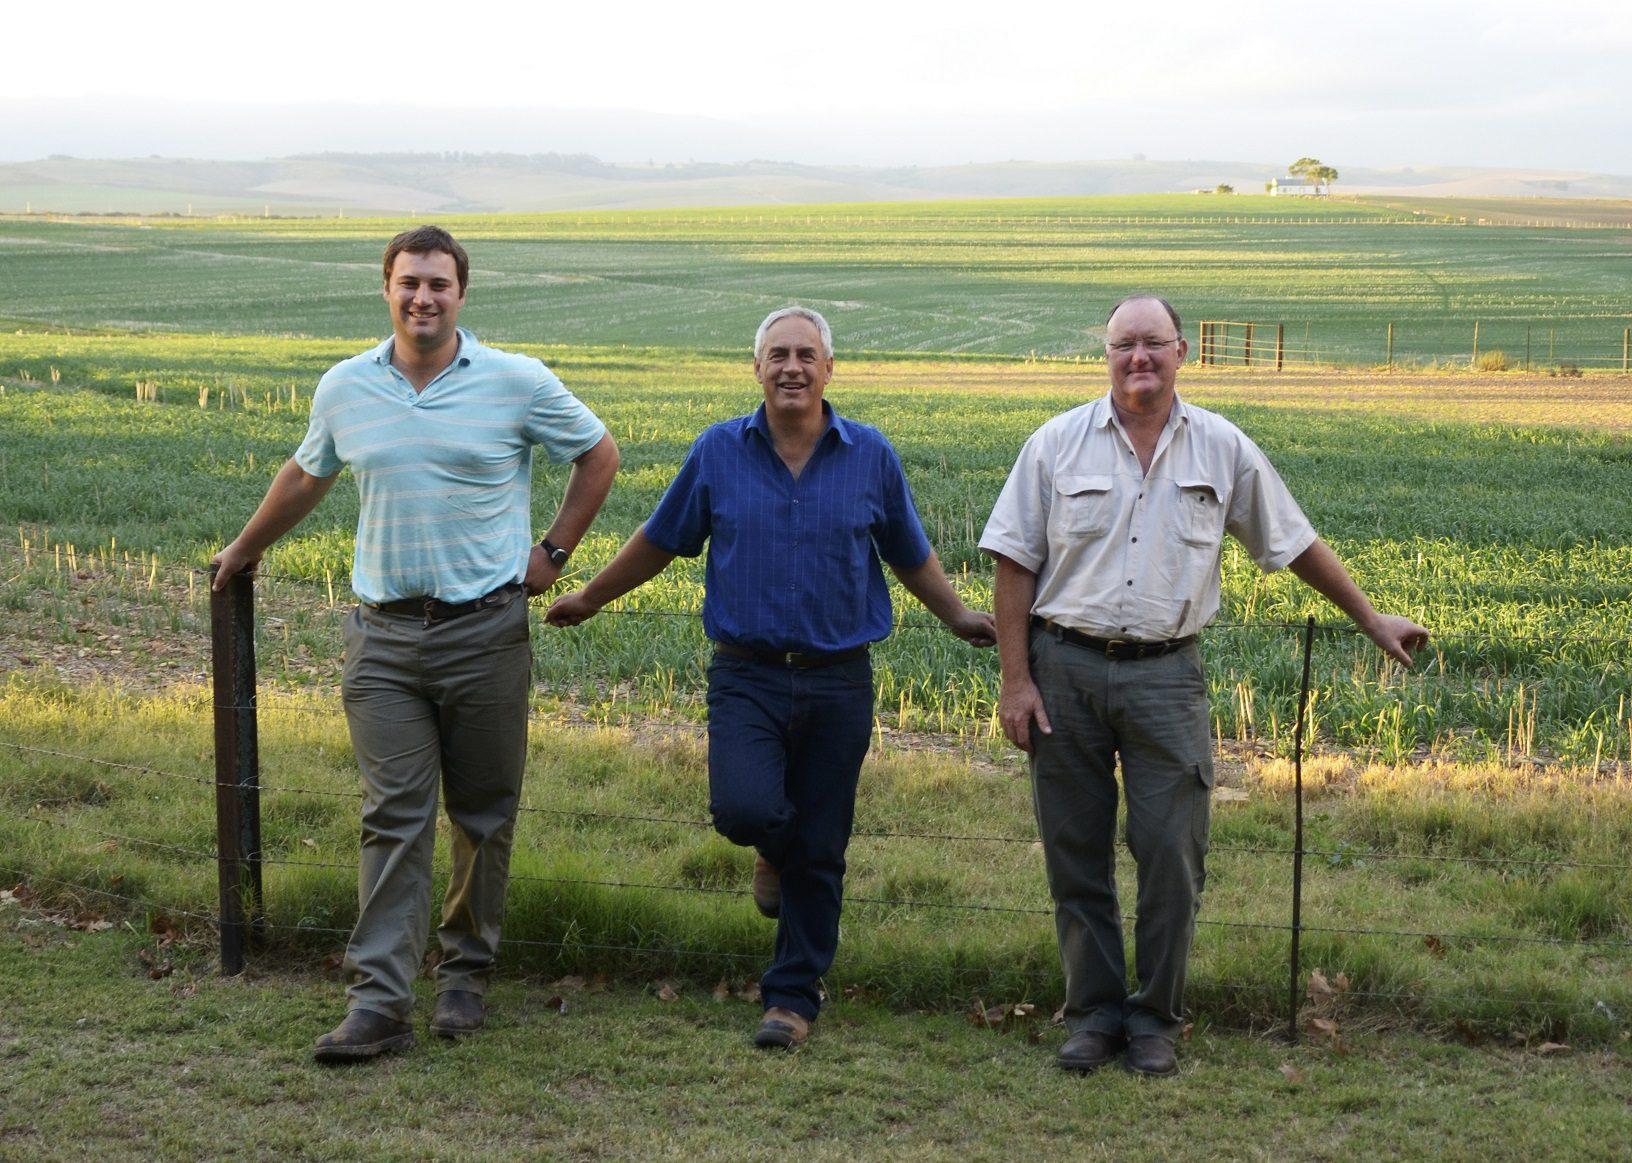 Pieter Steenkamp, Dirk van Papendorp and Arno Steenkamp from Tweekop Boerdery in Swellendam in the Western Cape. Photo: Landbouweekblad / Supplied by Agri-Expo